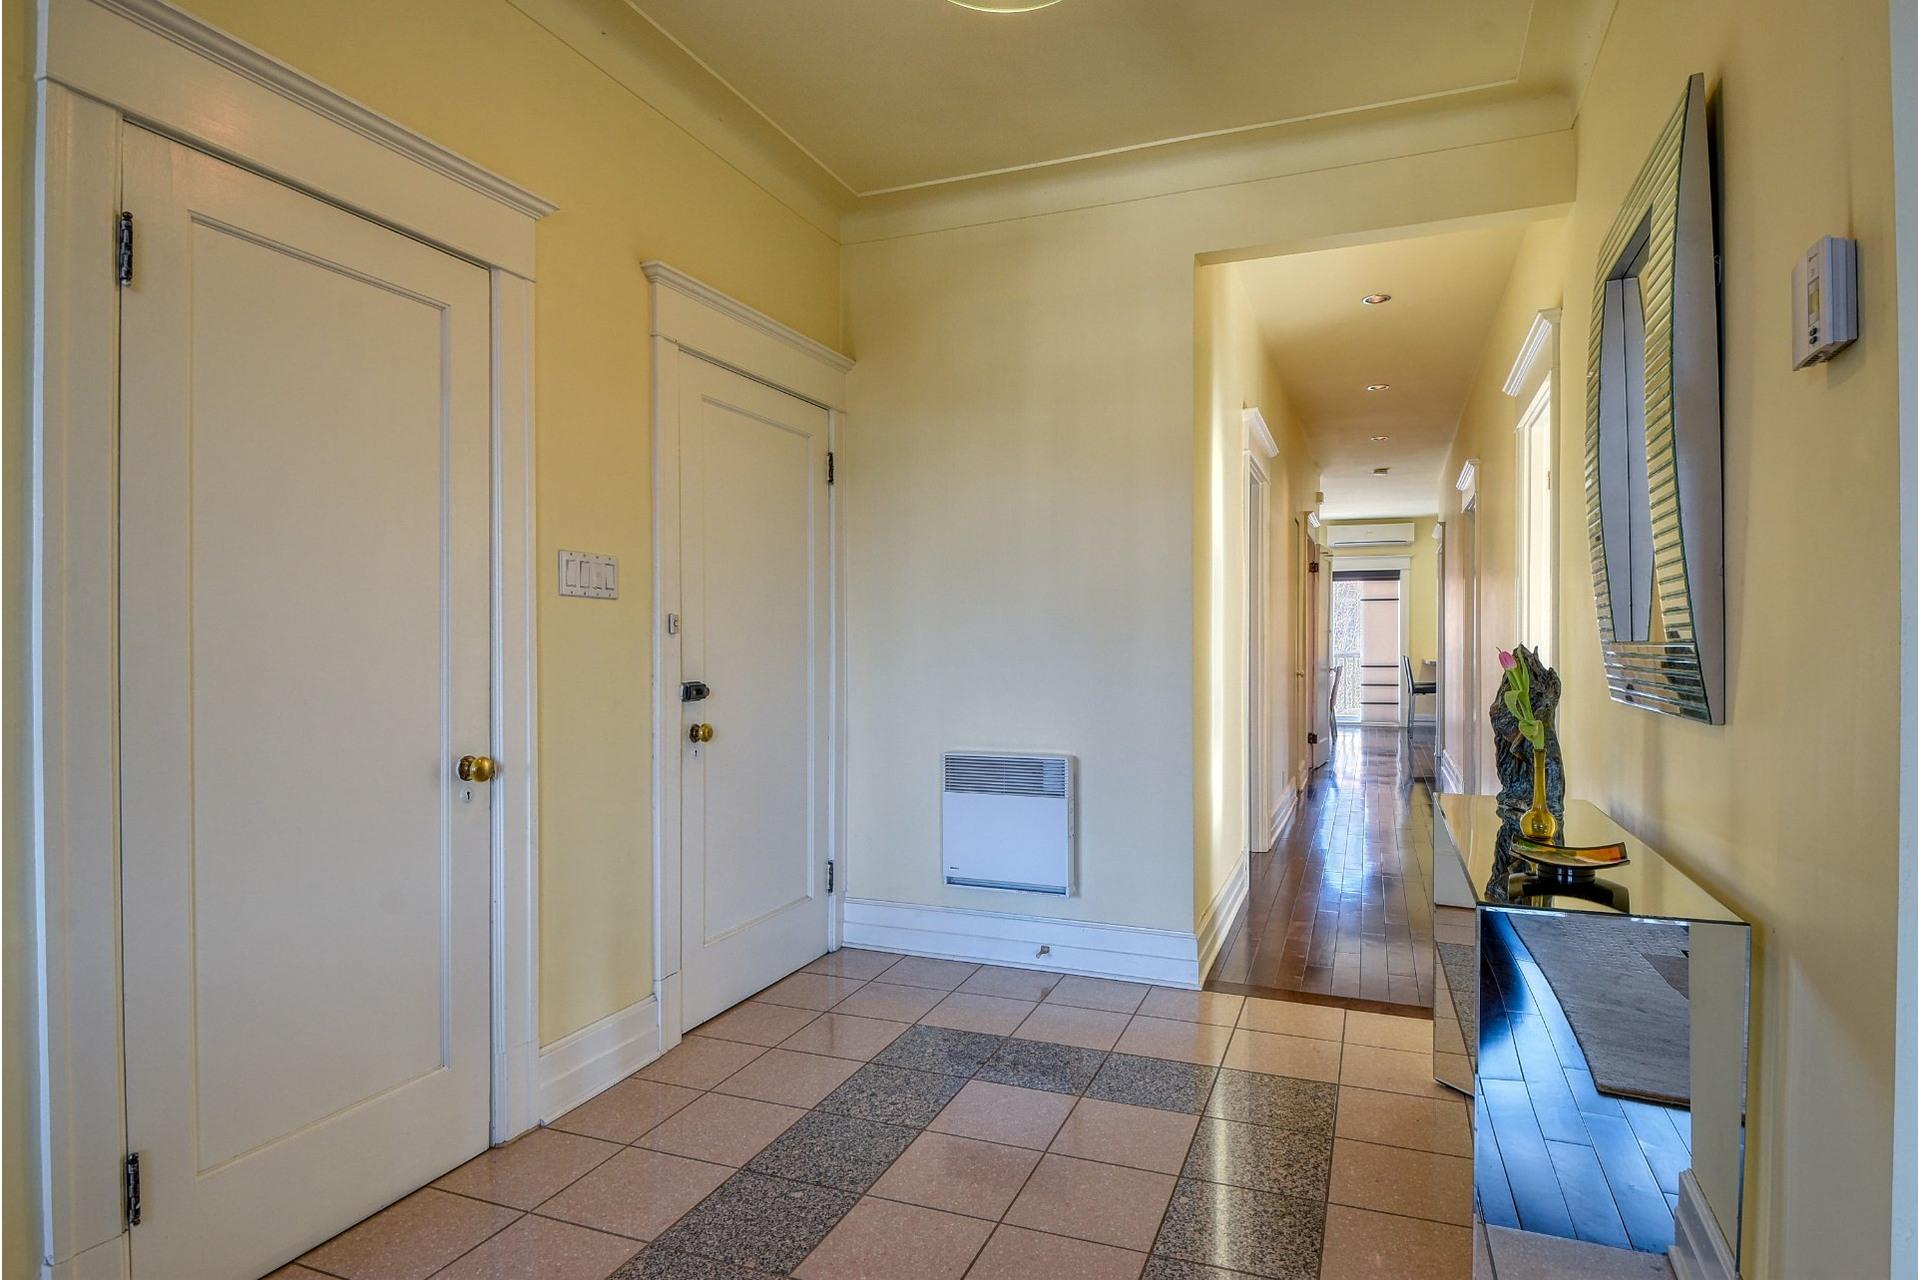 image 4 - Apartment For sale Côte-des-Neiges/Notre-Dame-de-Grâce Montréal  - 7 rooms